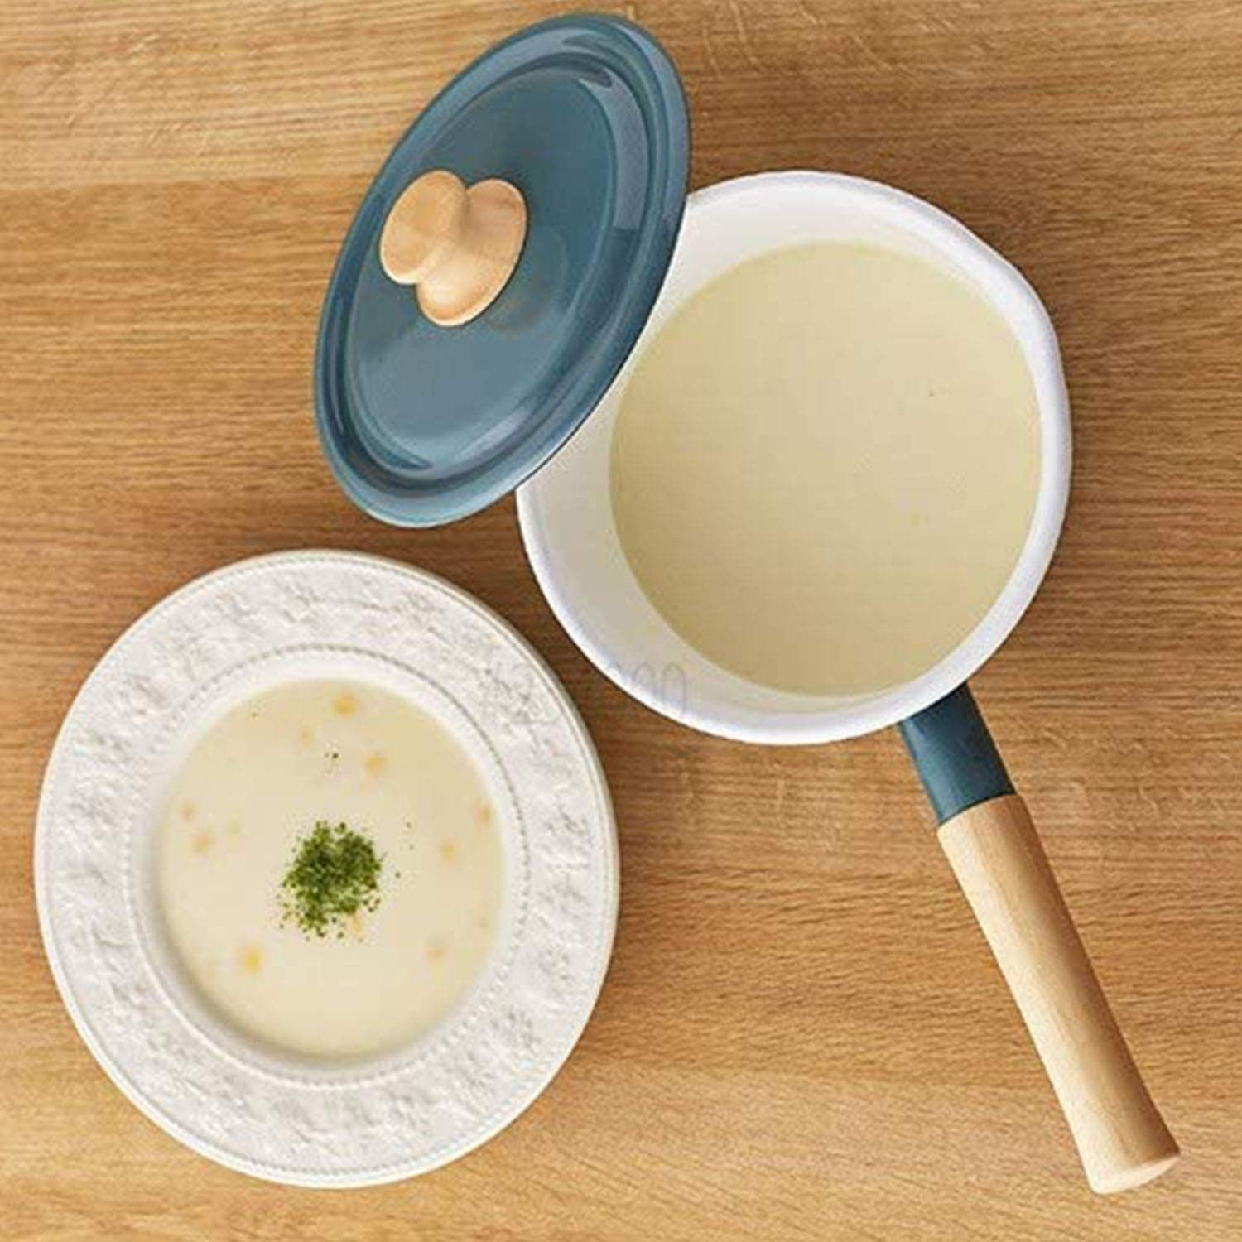 Cotton Series(コットンシリーズ)ソースパン 16cm CTN16S.LGの商品画像5